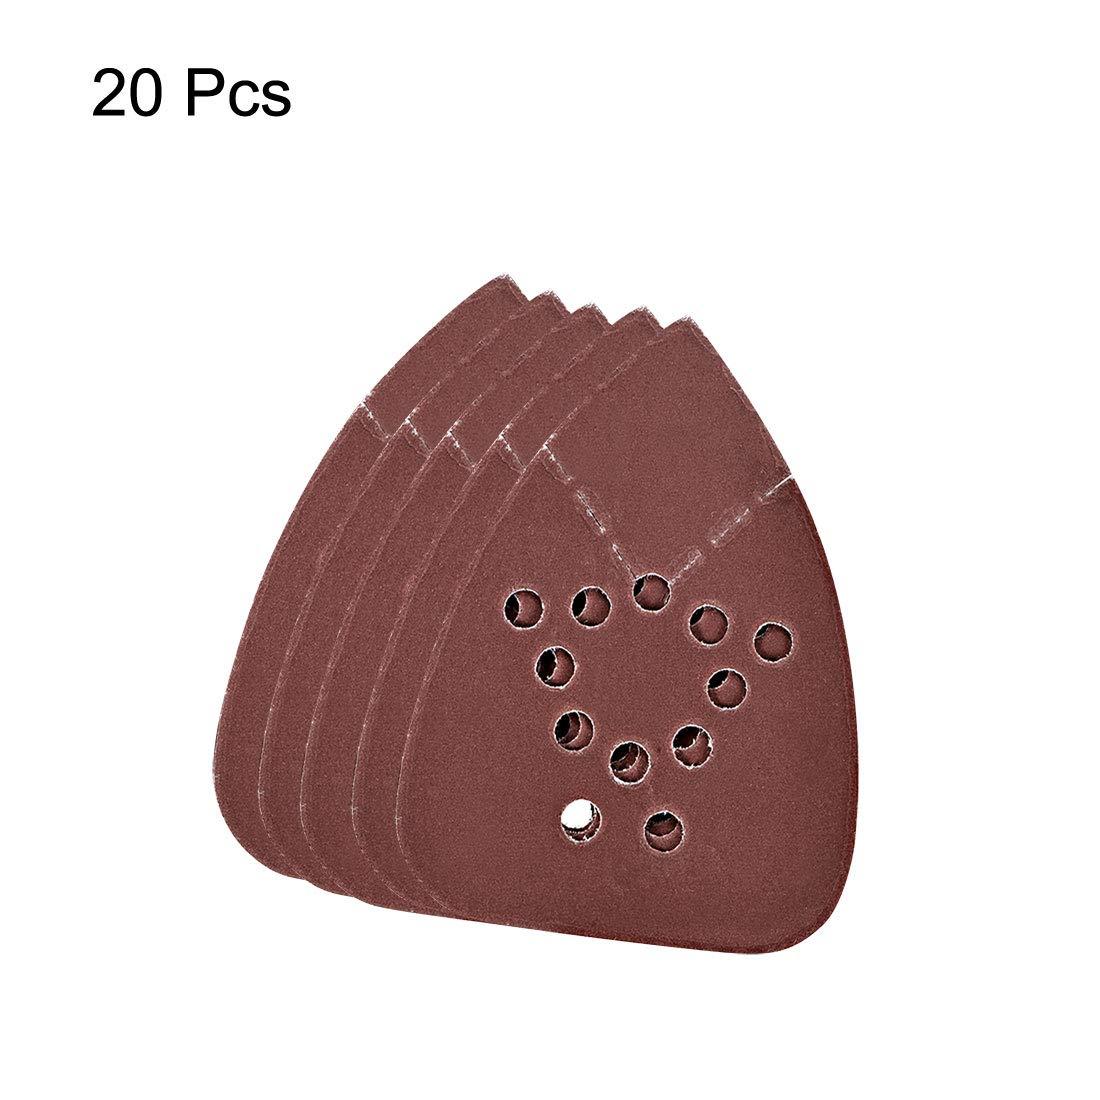 sourcing map Papel de lija con 2 puntas 20 piezas granos 800 lijadora surtida con detalle de rat/ón 12 agujeros